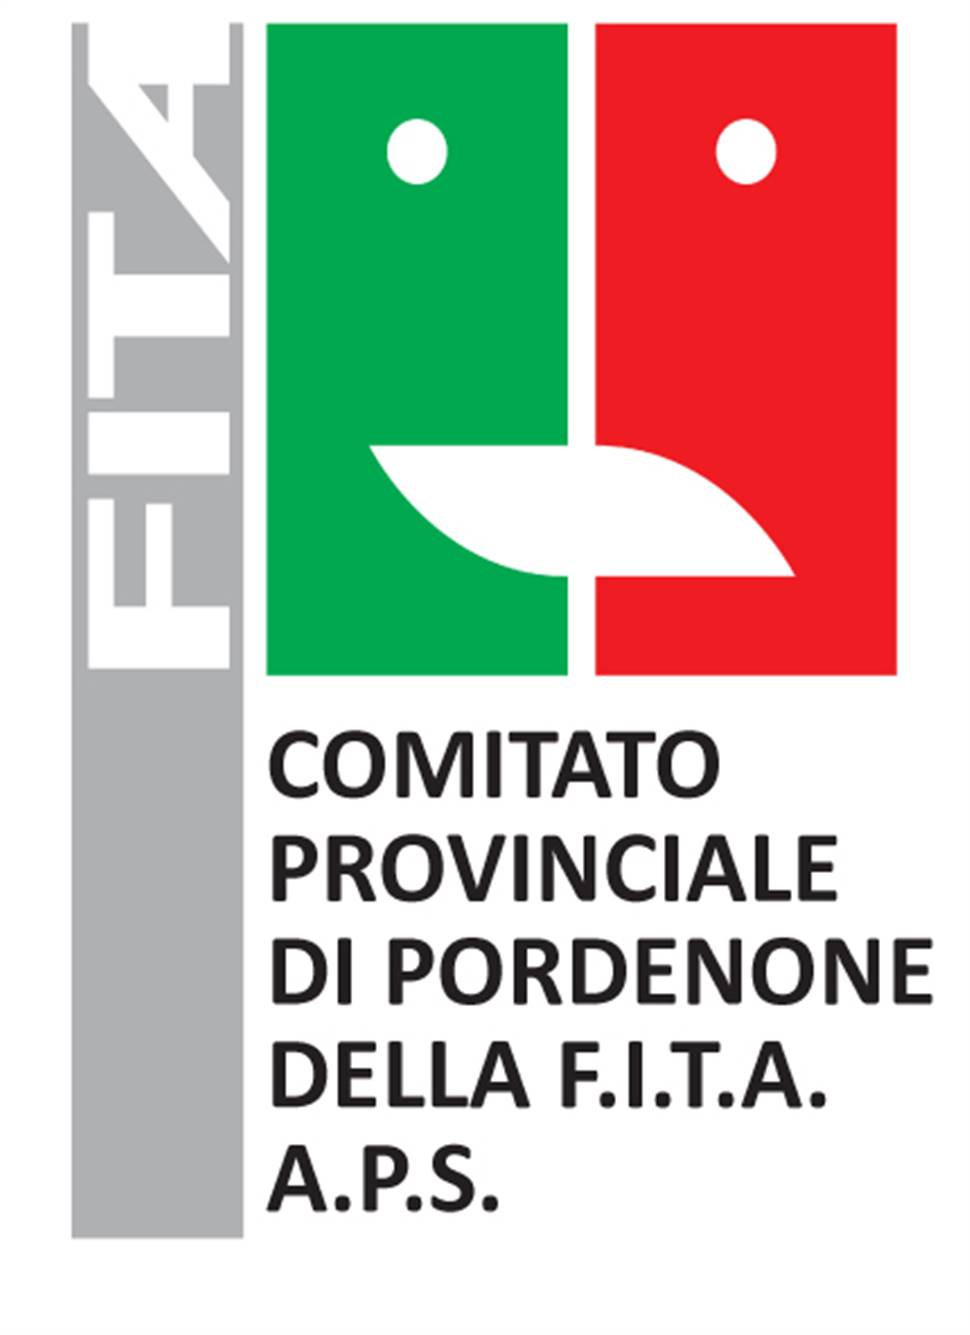 Comitato provinciale di Pordenone della F.I.T.A. - A.P.S. - Pordenone